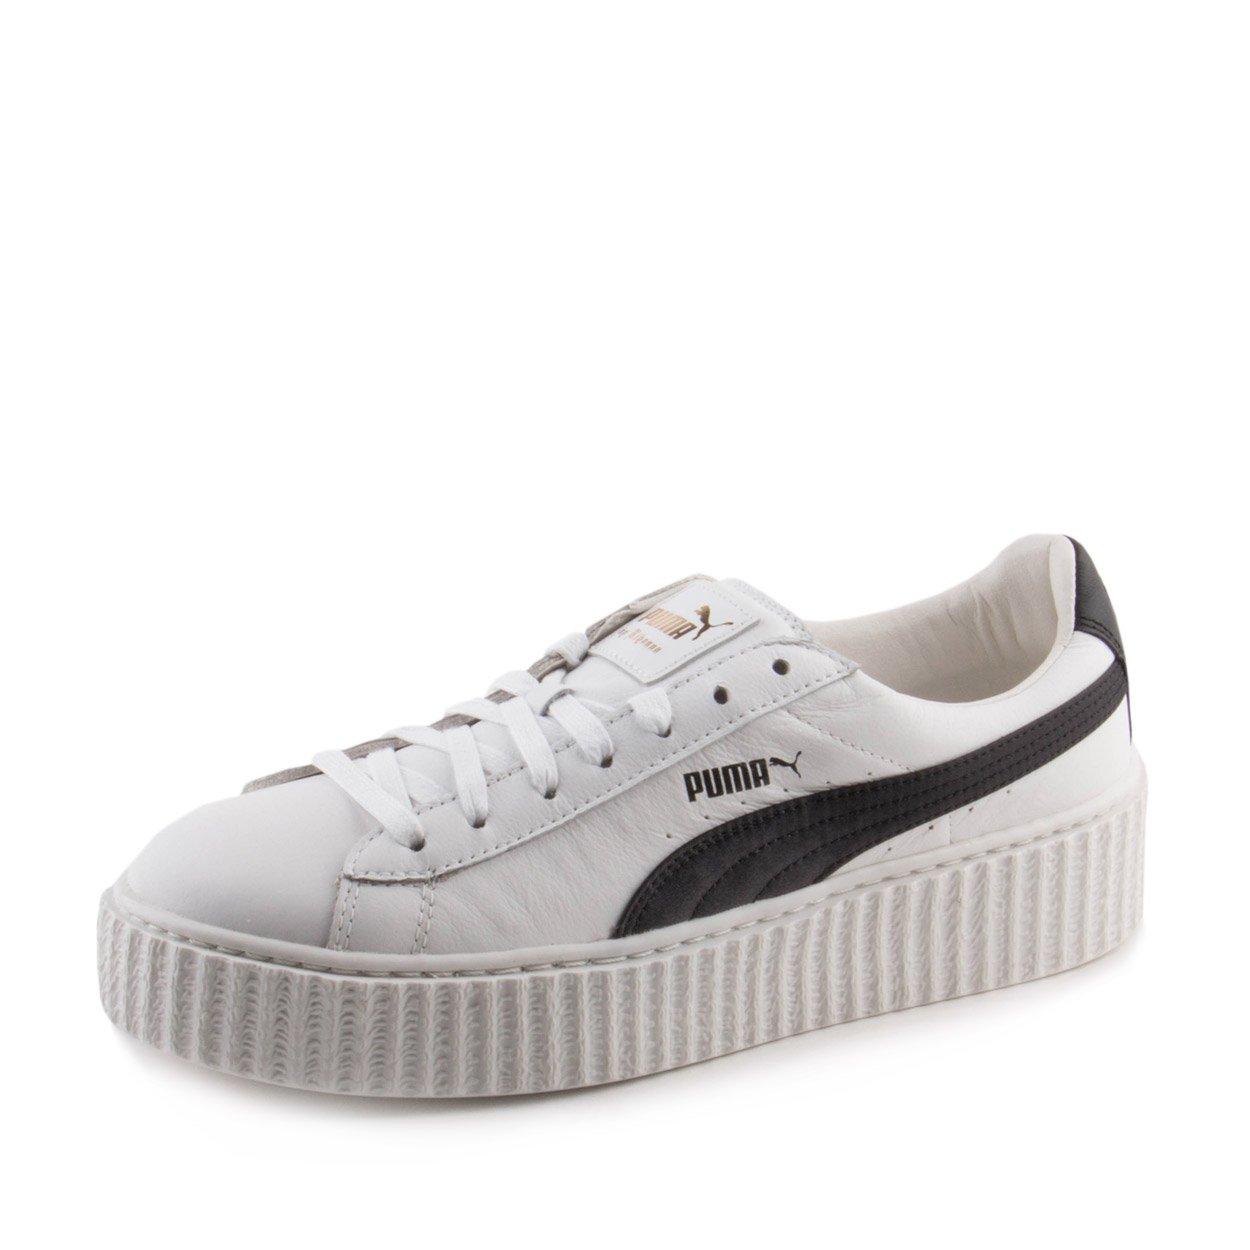 7f56847cb9b6 Galleon - Puma Creeper White   Black - 364462 01